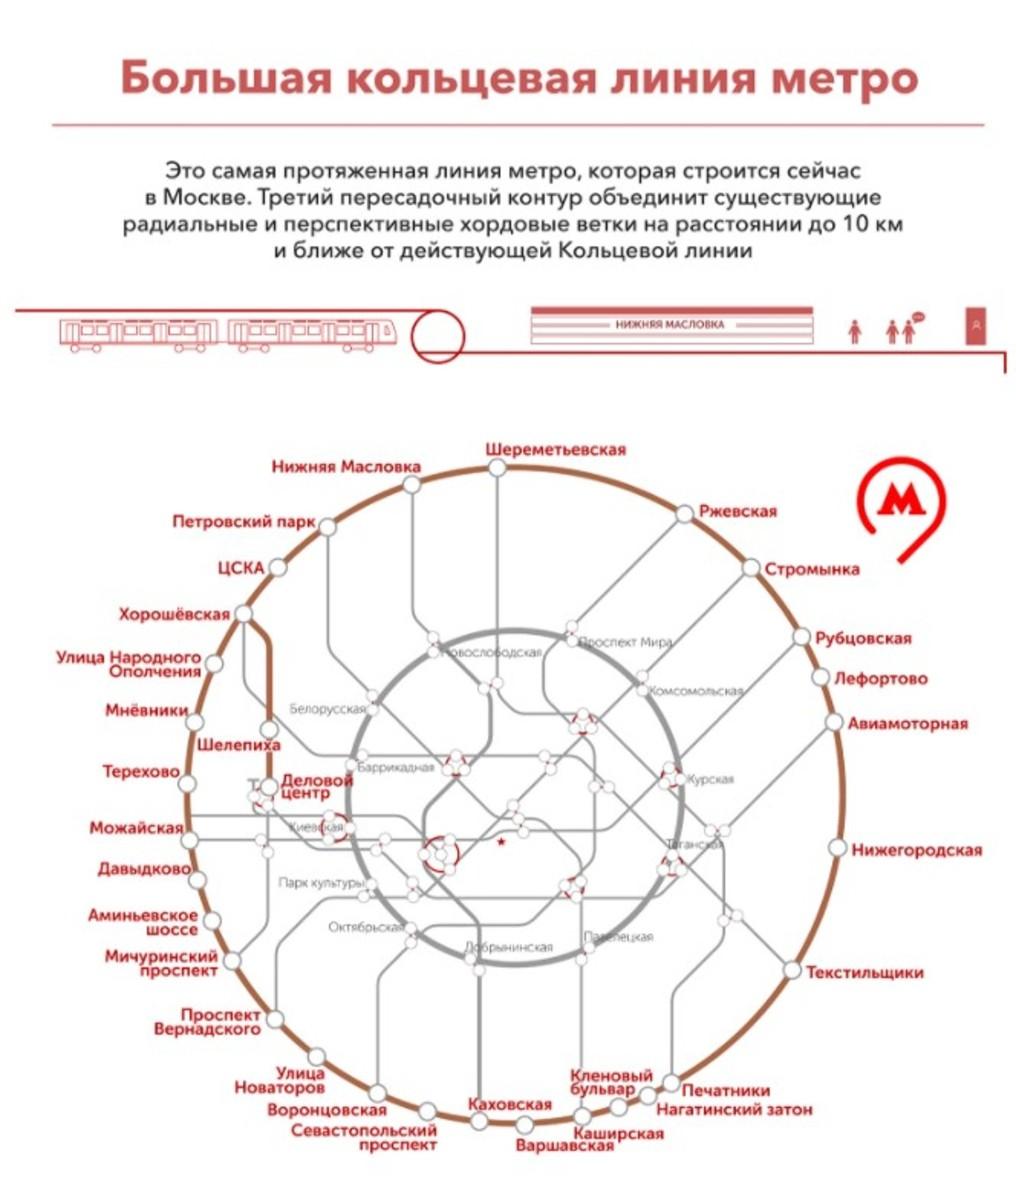 Изображение: Комплекс градостроительной политики и строительства города Москвы